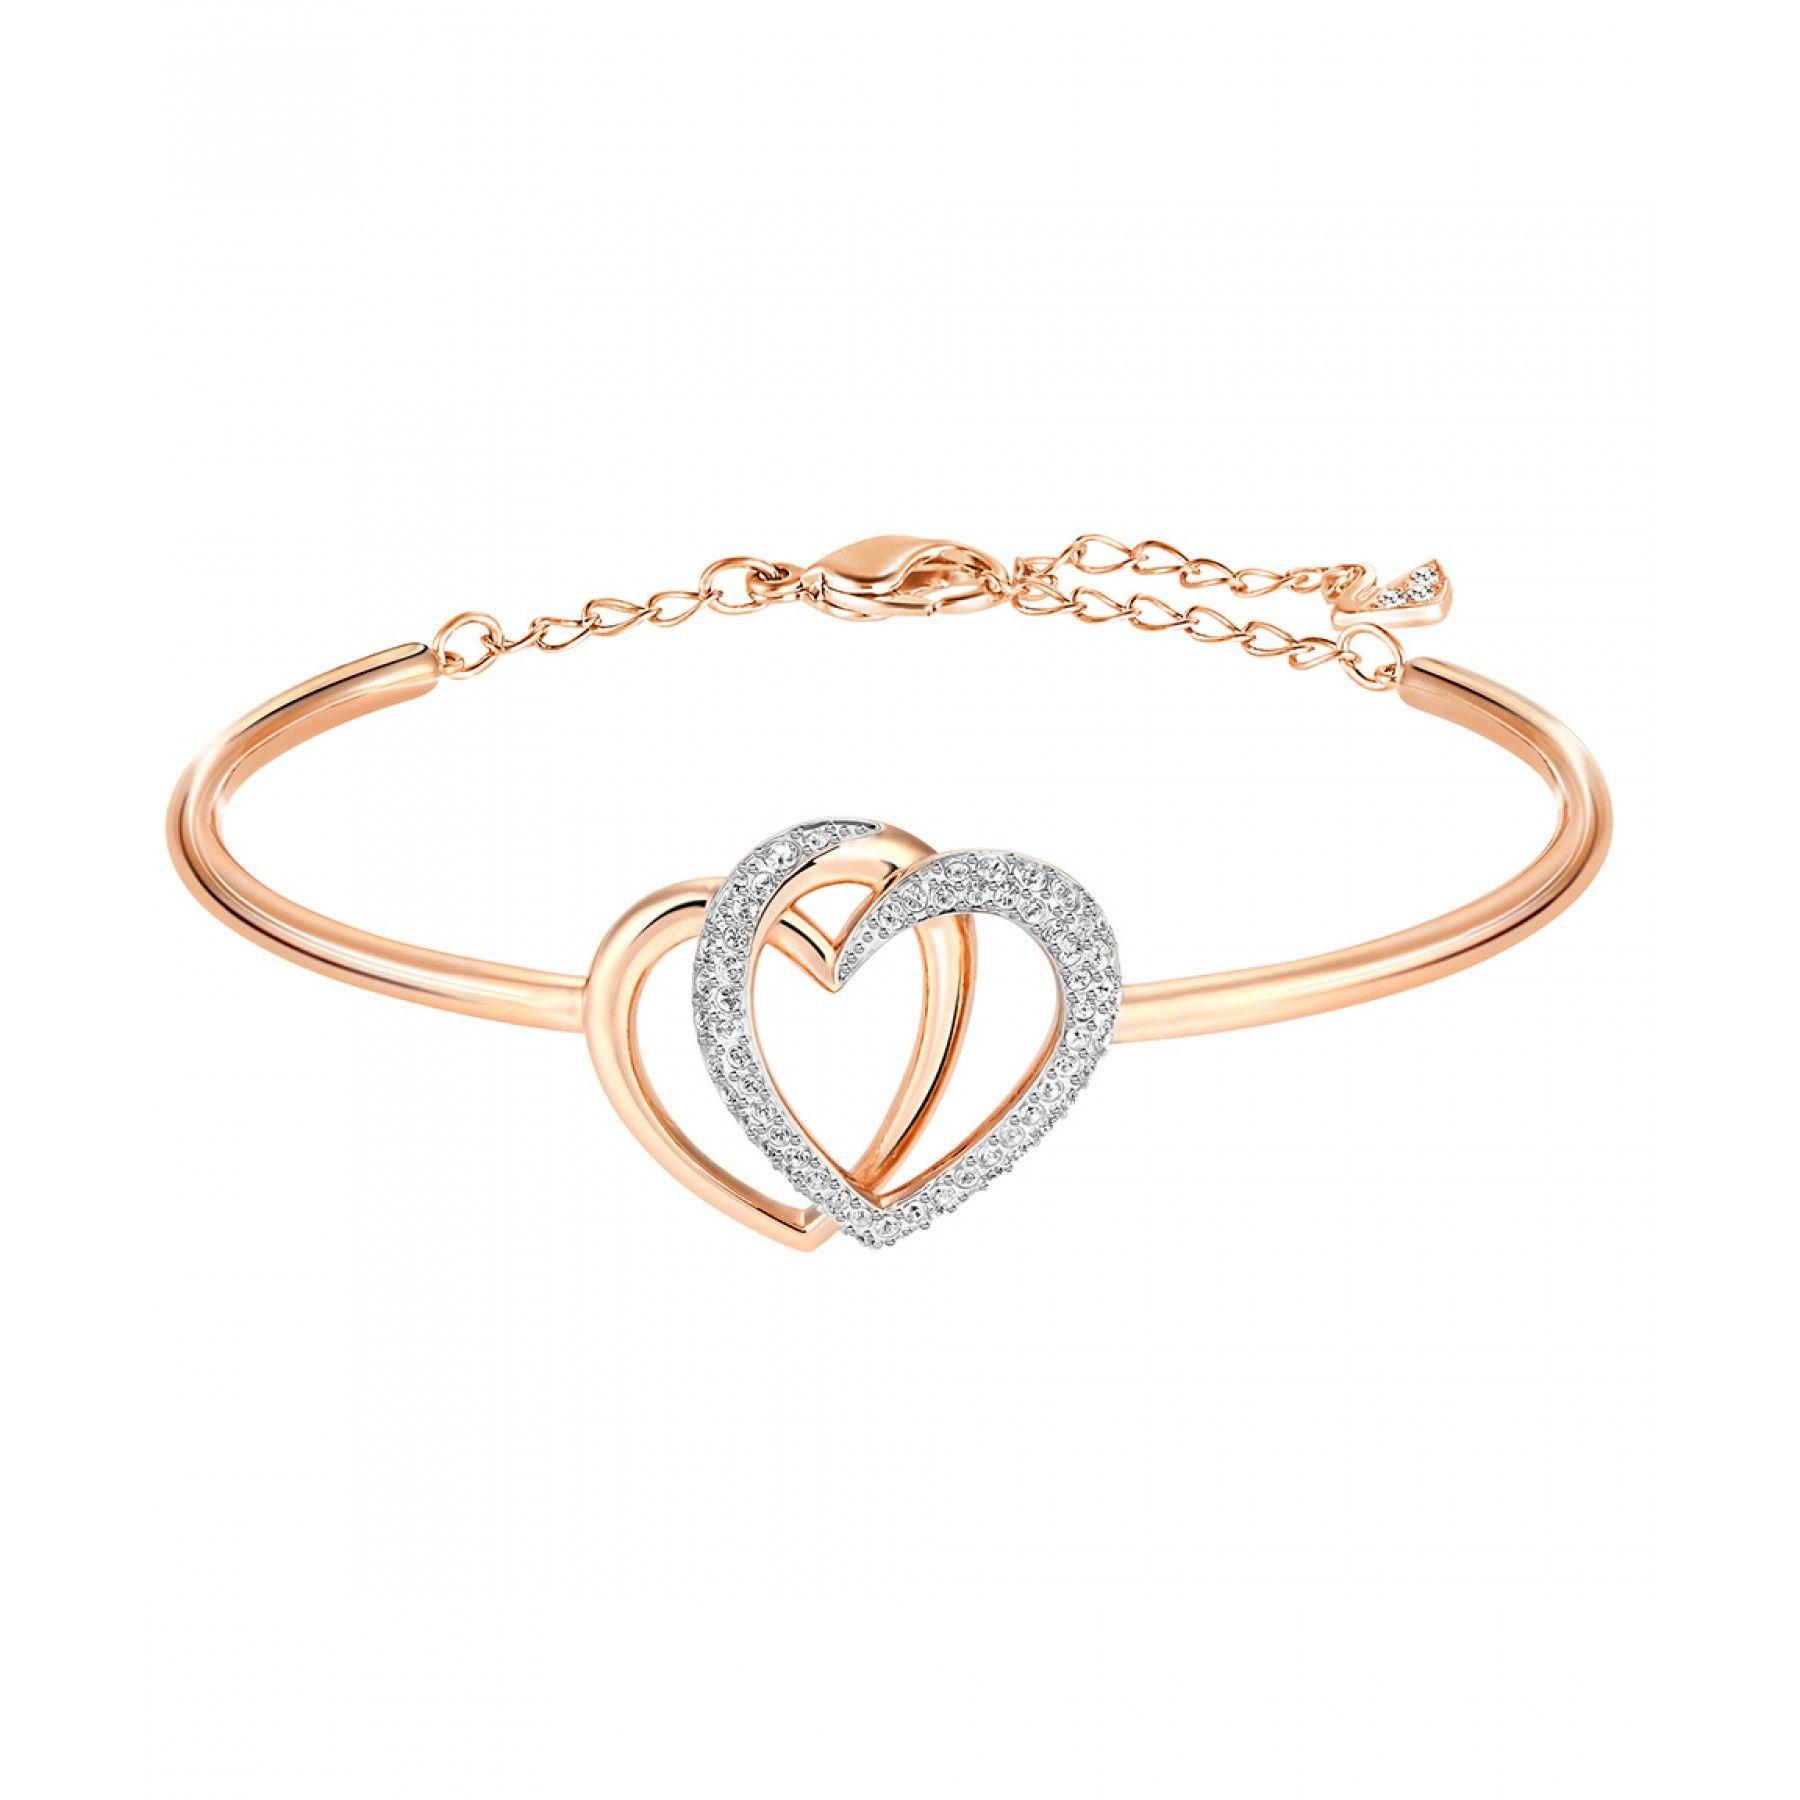 2e6cbd8243a863 Pulsera Swarovski de la colección Dear en baño de oro rosa con diseño de  corazones entrelazados y aplicación de cristales.